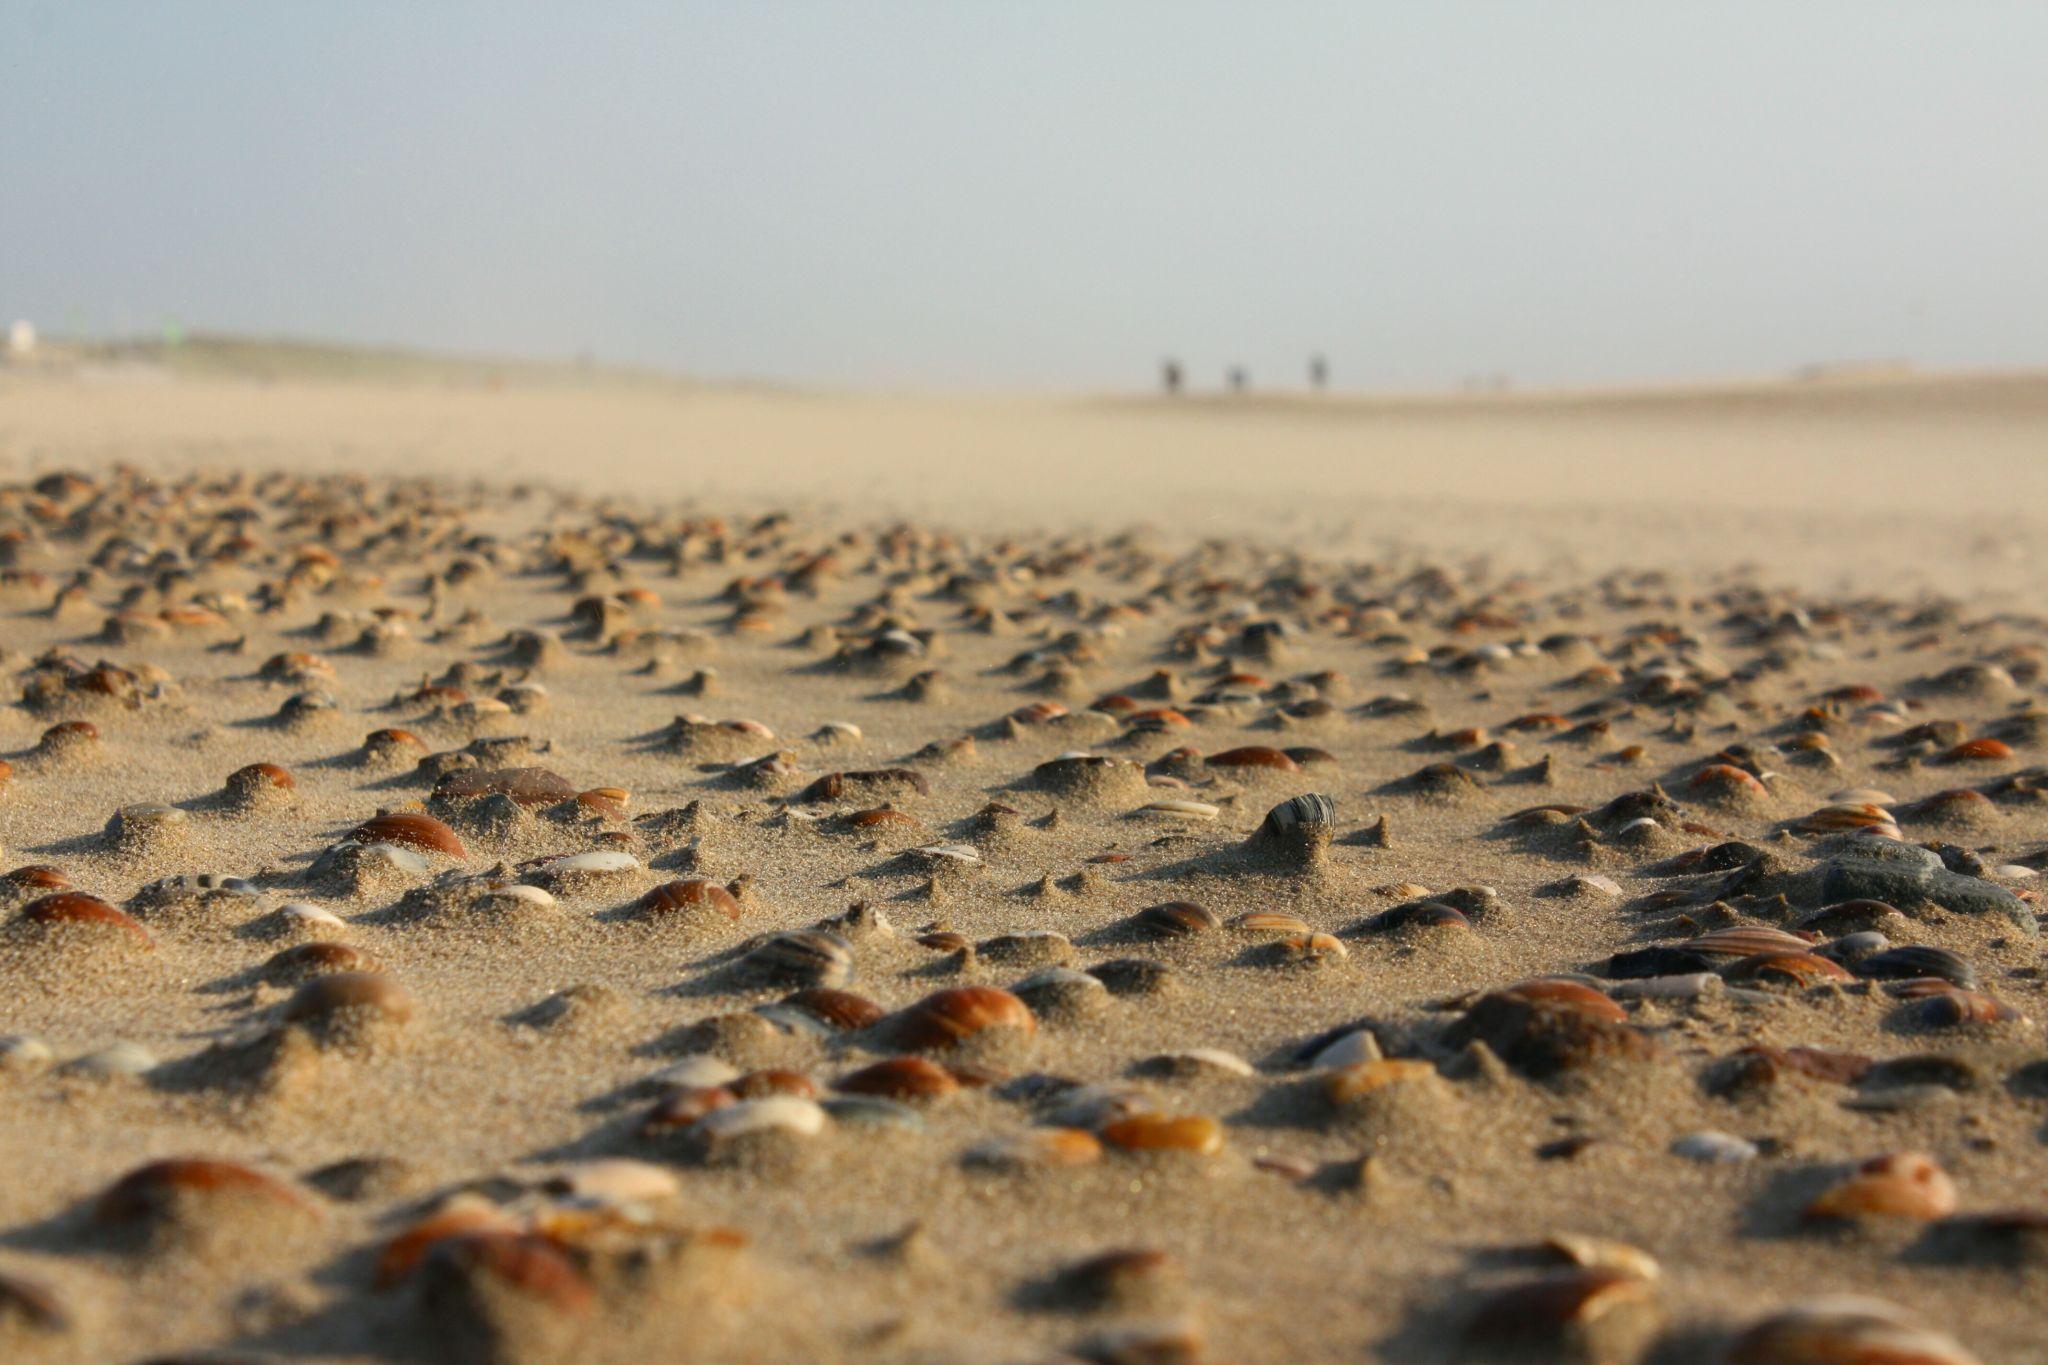 Muscheln am Strand von Egmond aan Zee, Netherlands